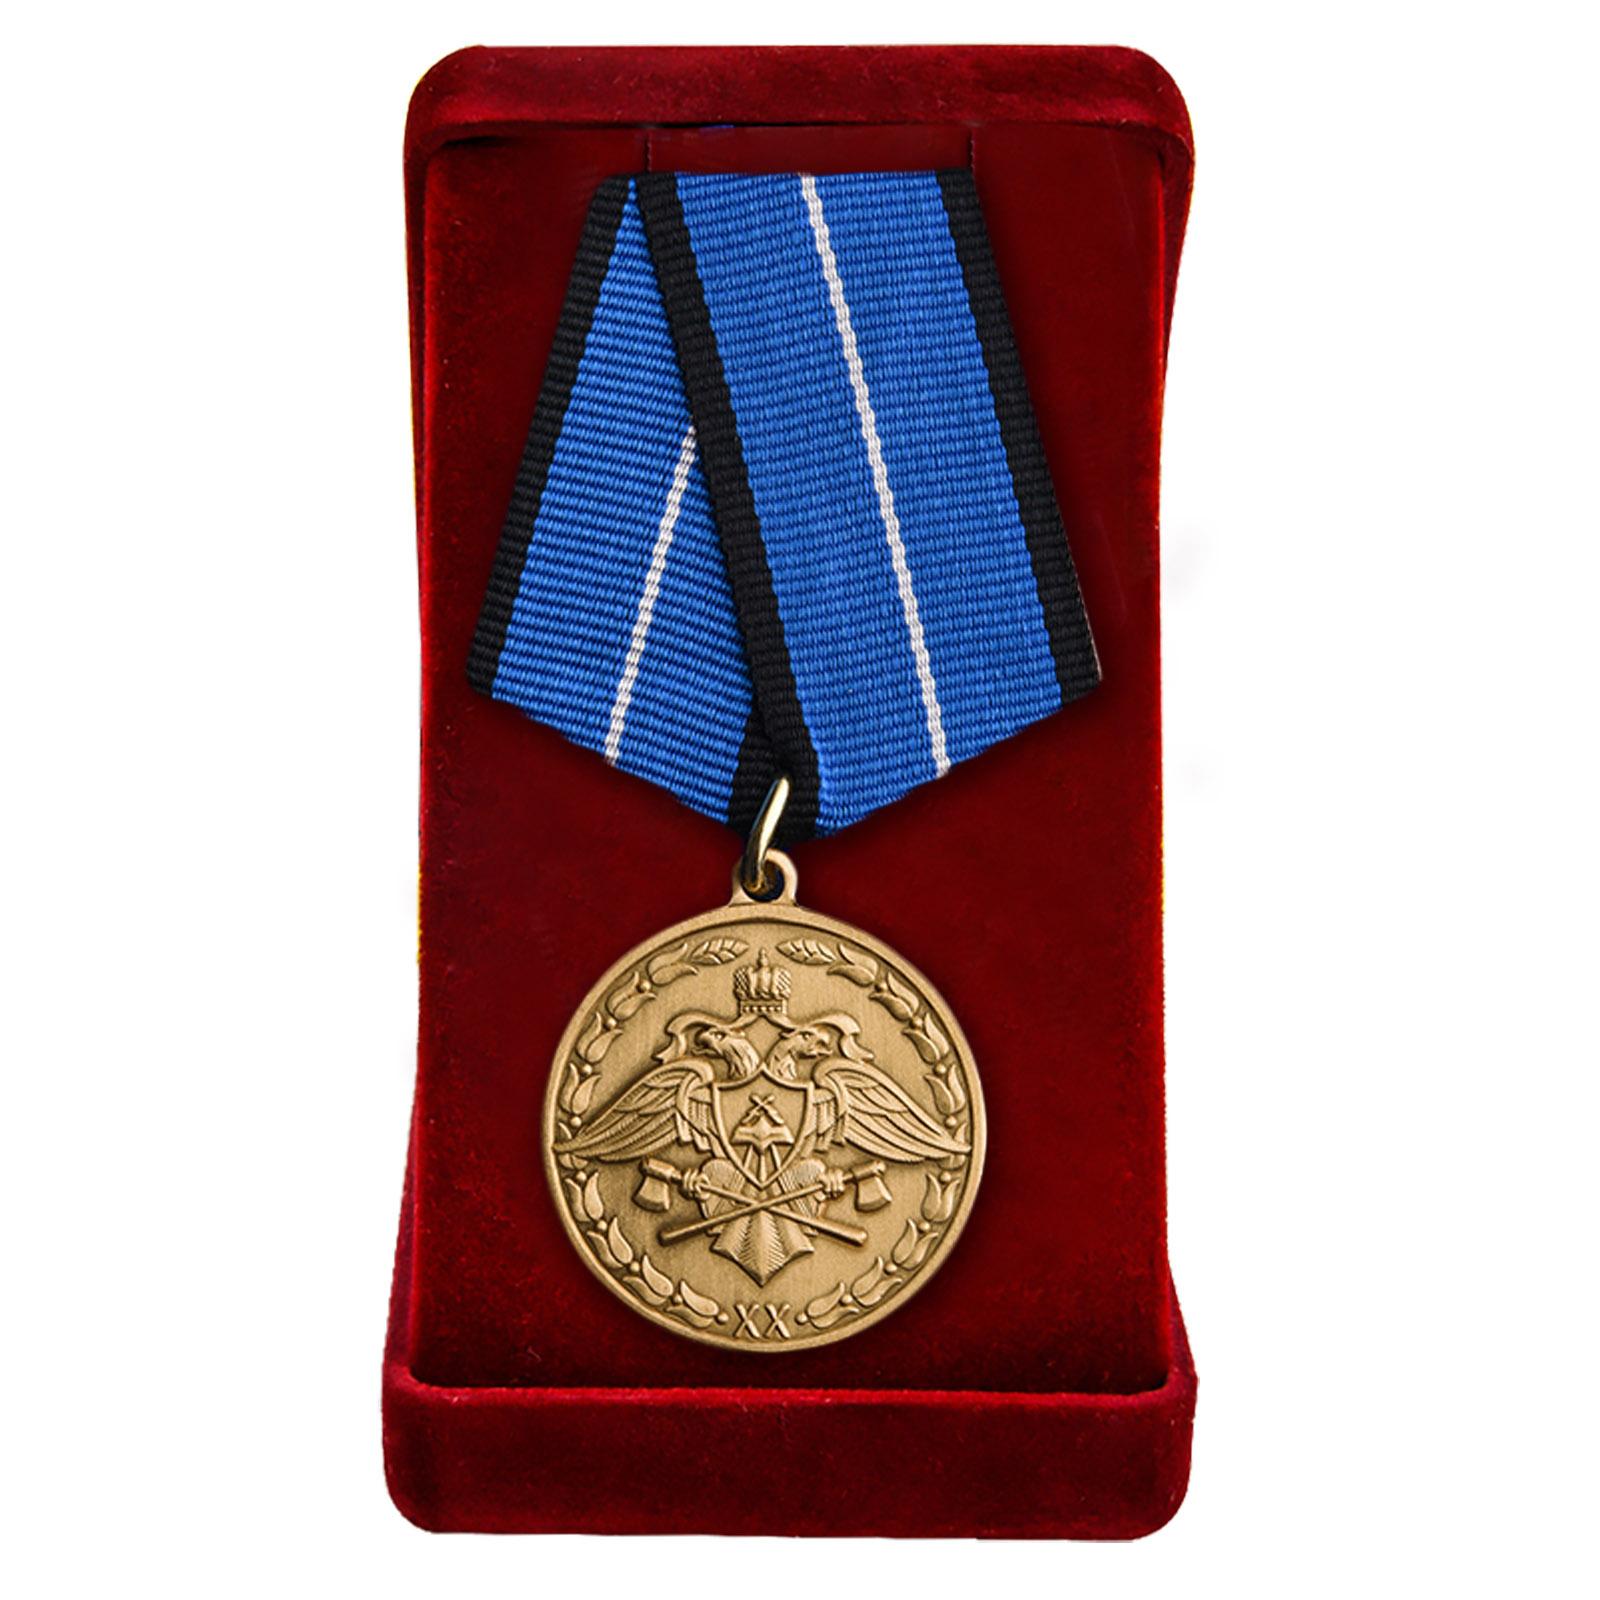 """Купить медаль Спецстроя """"За безупречную службу"""" 1 степени оптом или в розницу"""